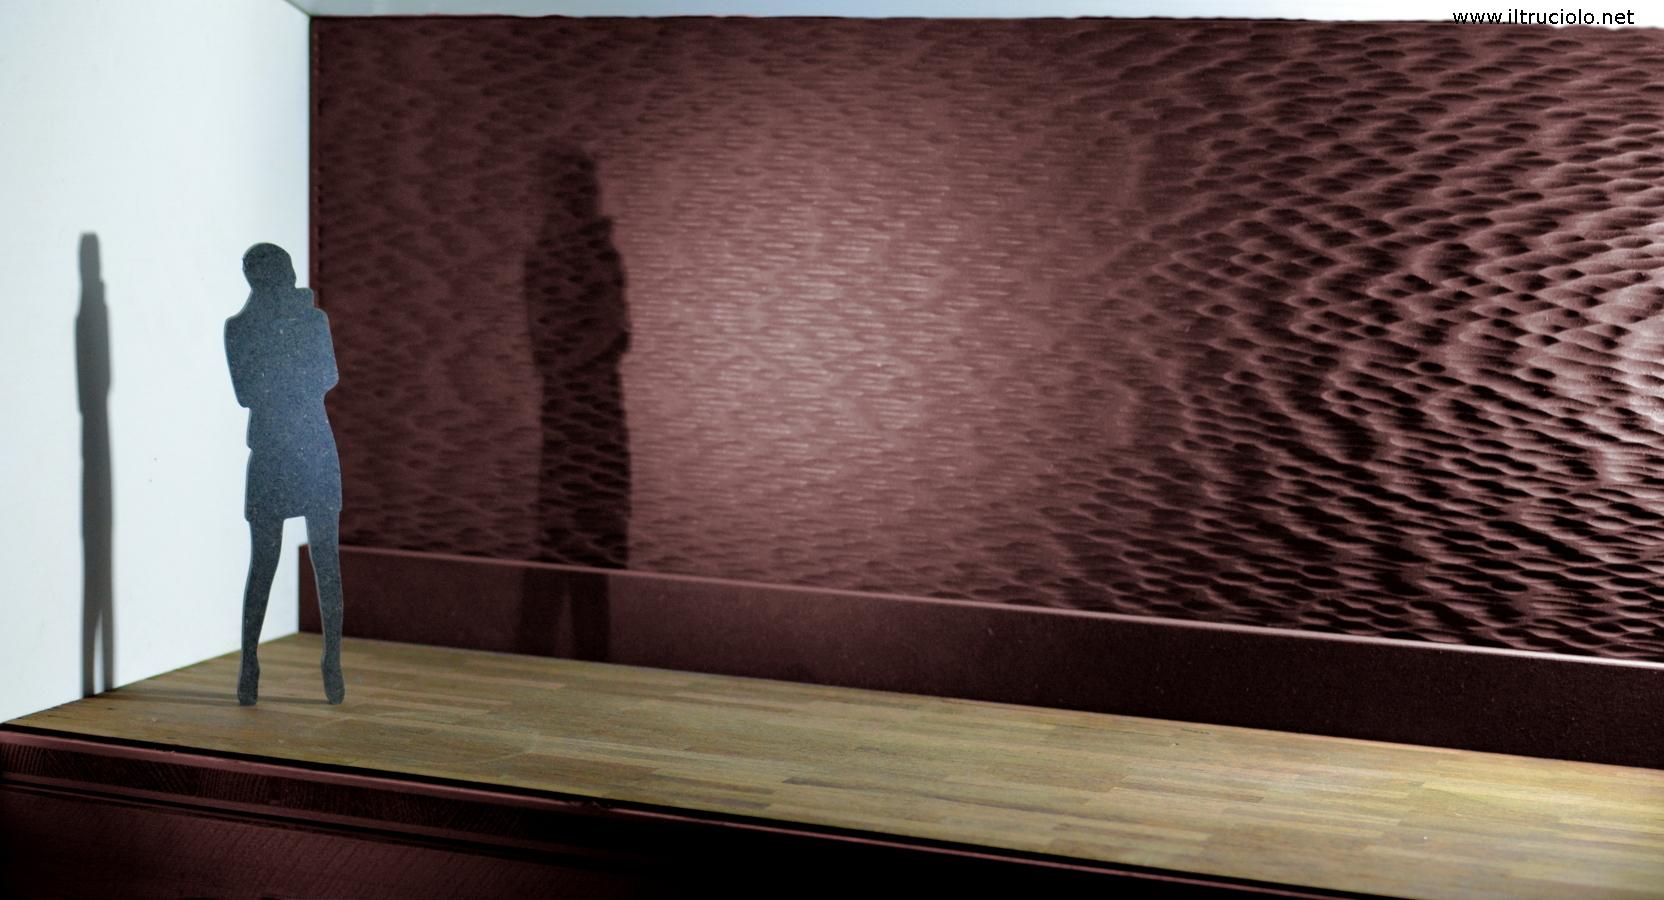 pannelli tridimensionali per interni